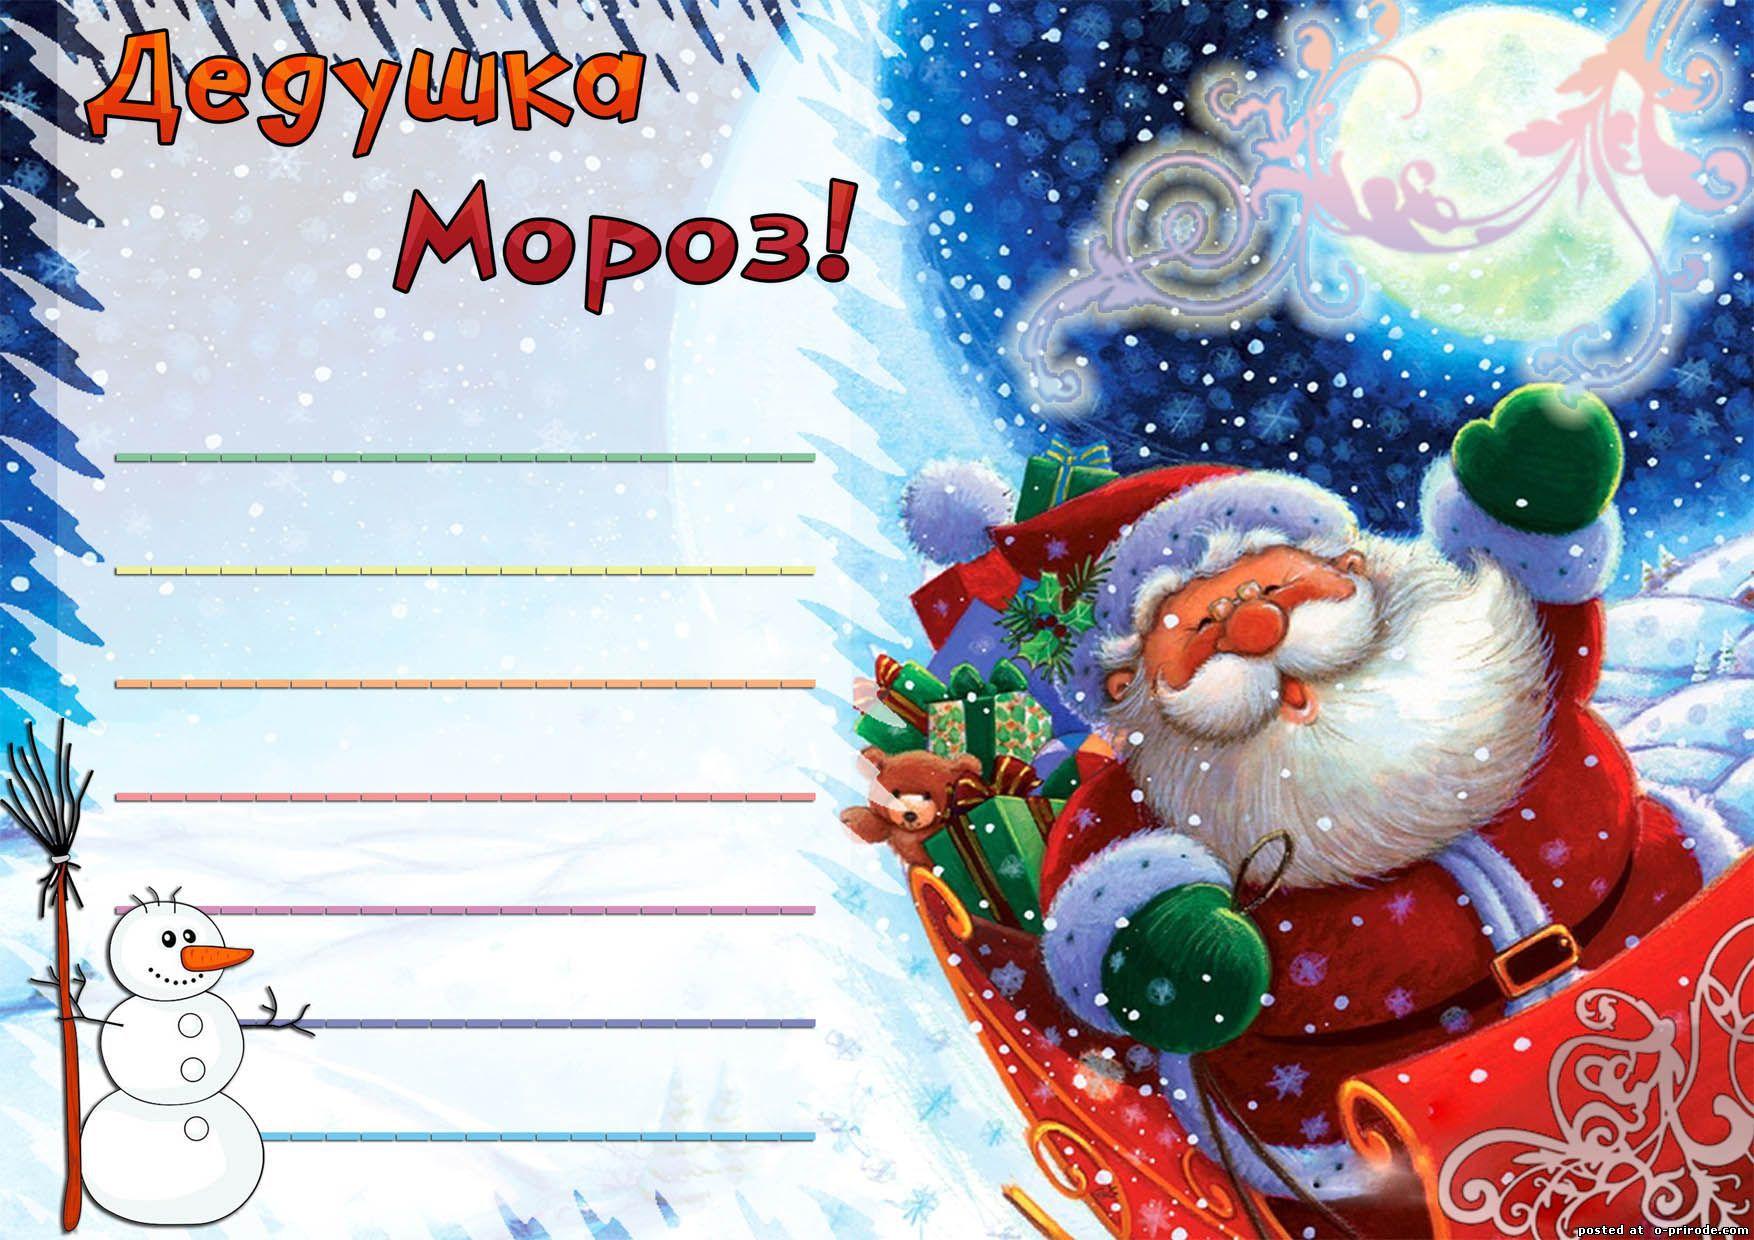 Письмо деду морозу от детей с новым годом в